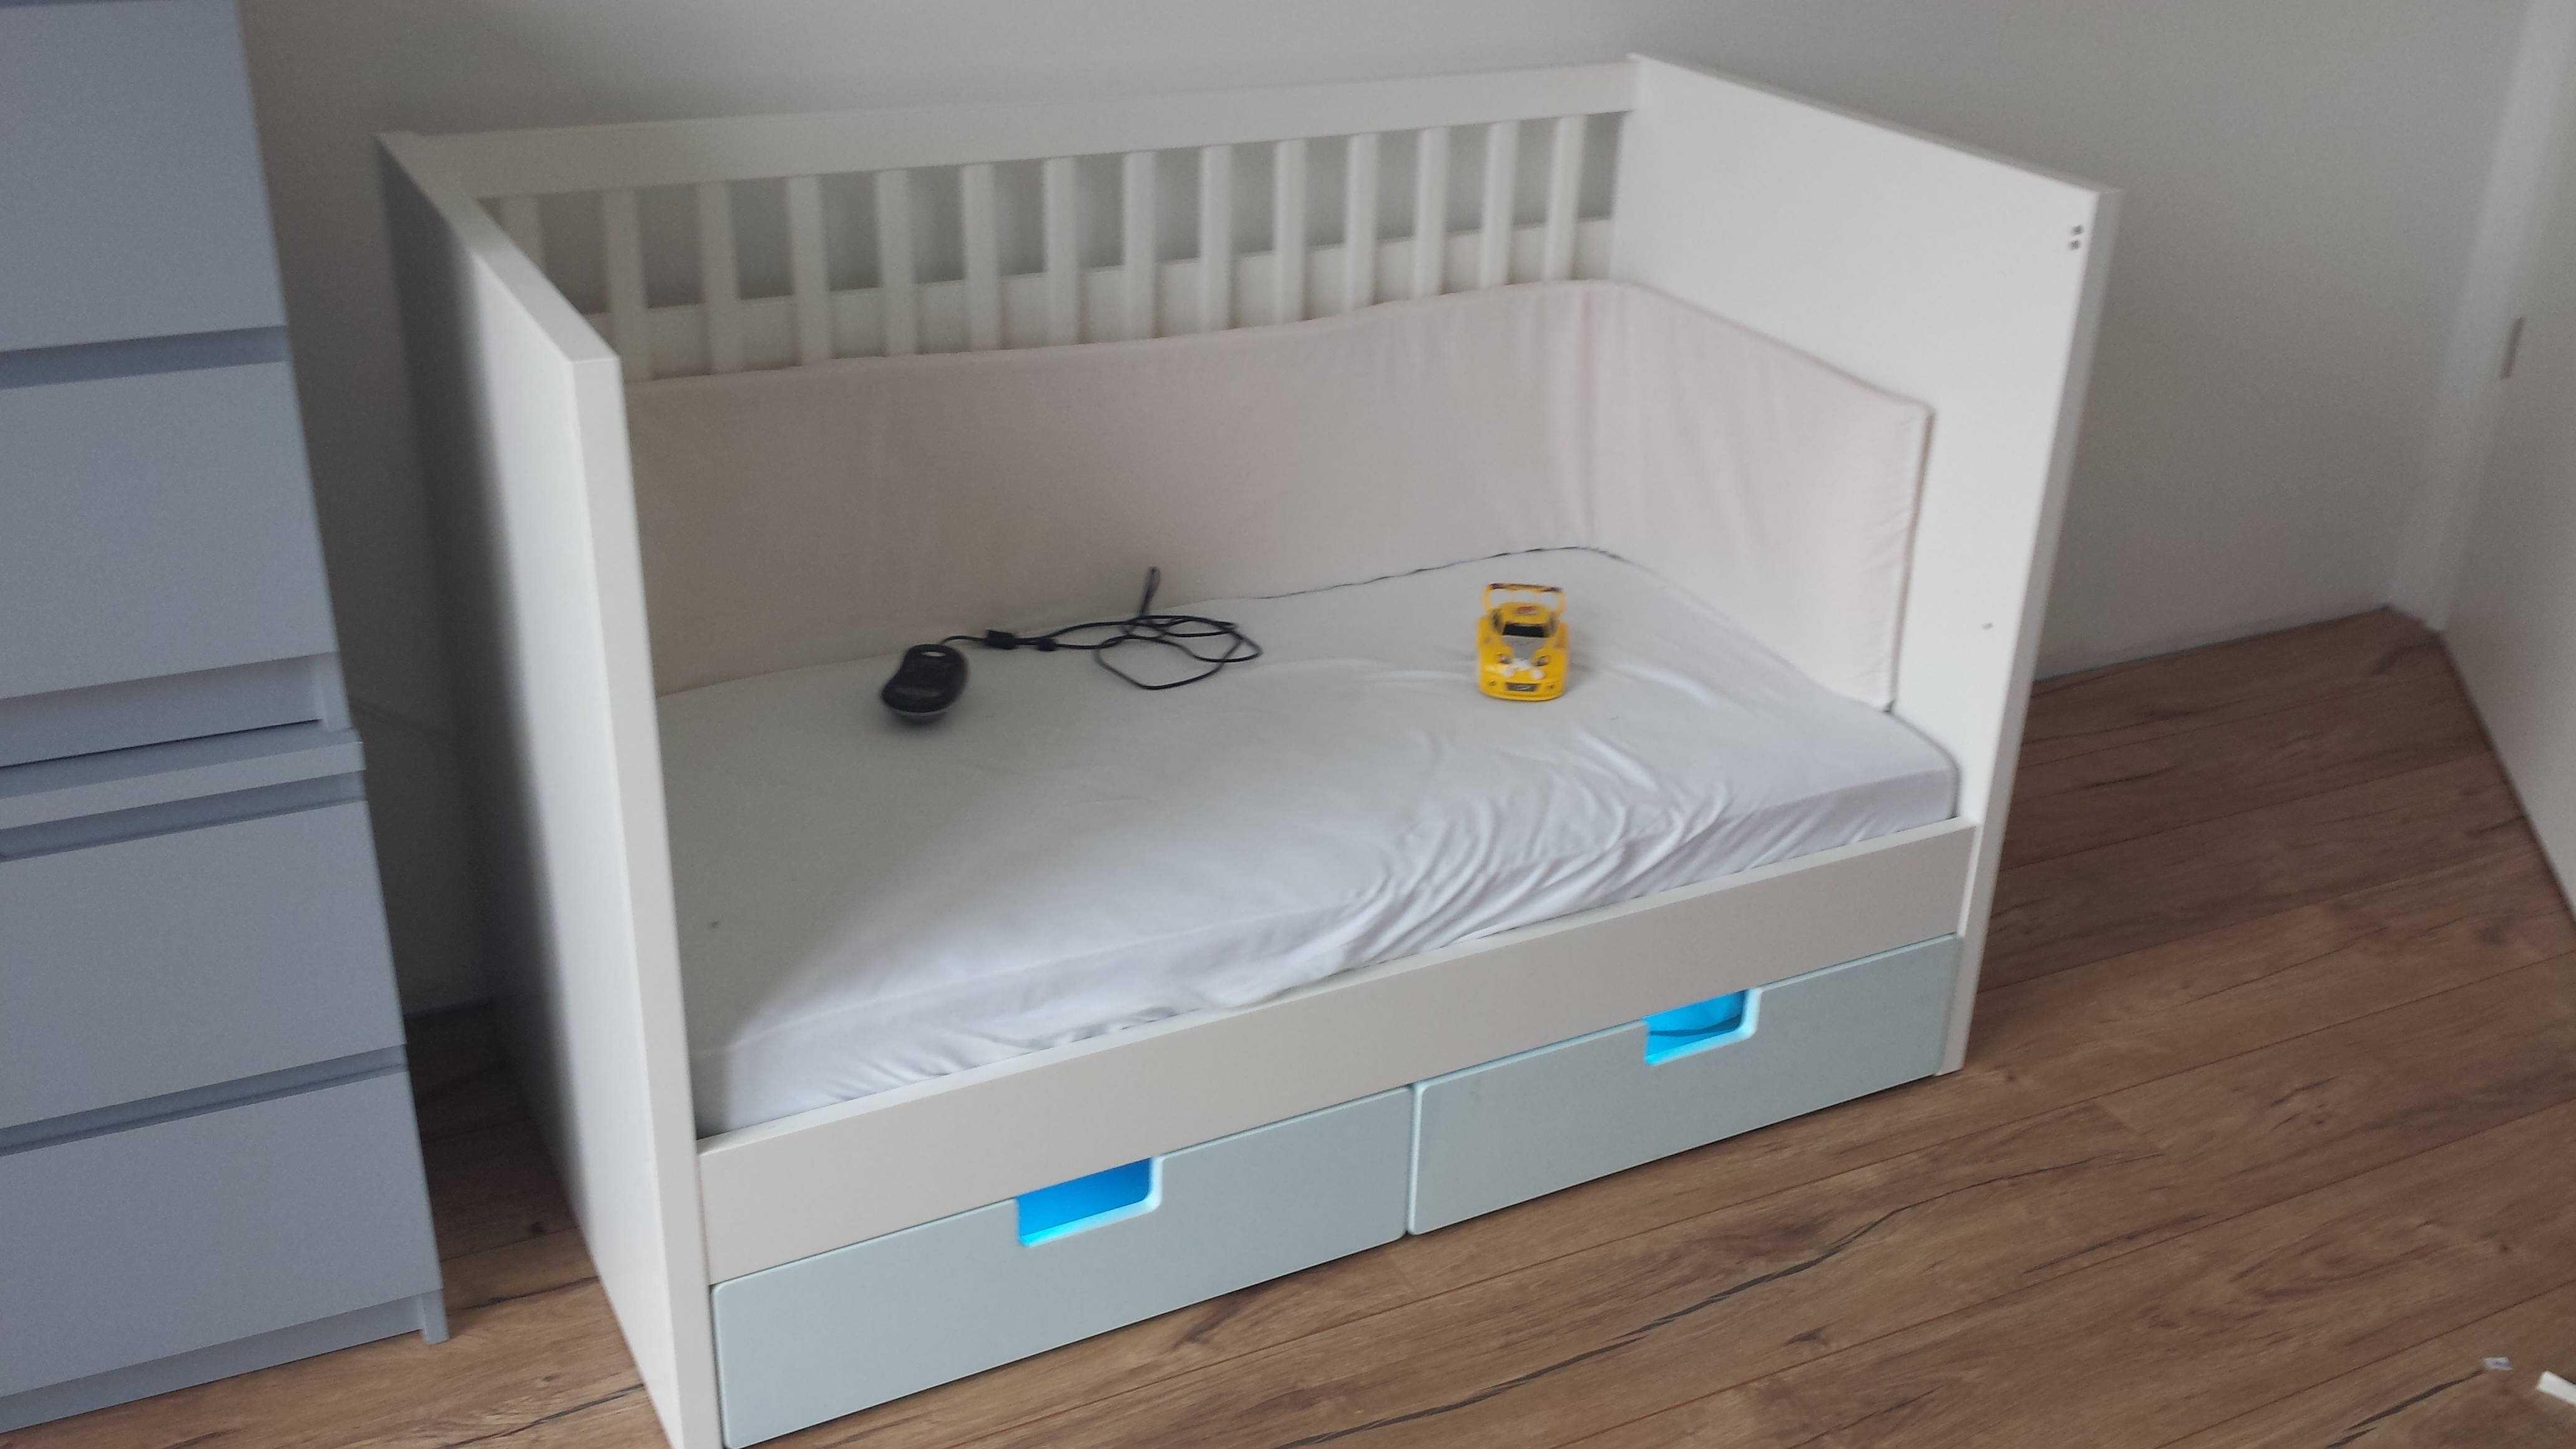 Ein weißes Babybett, aus dessen Unterbettkiste es türkis leuchtet